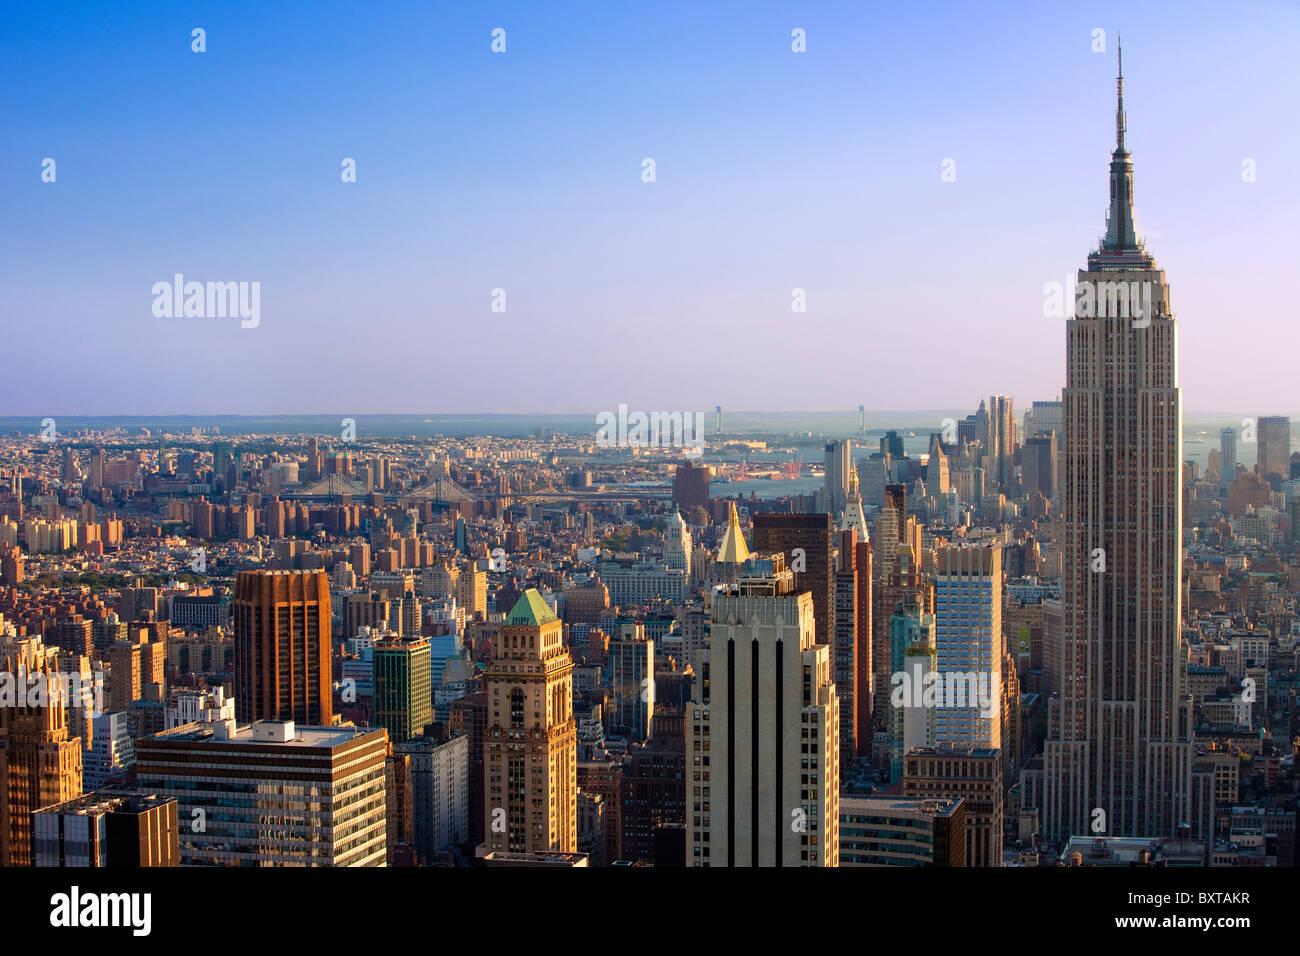 Am späten Nachmittag Blick auf das Empire State Building und die Skyline von Manhattan, New York City, USA Stockbild